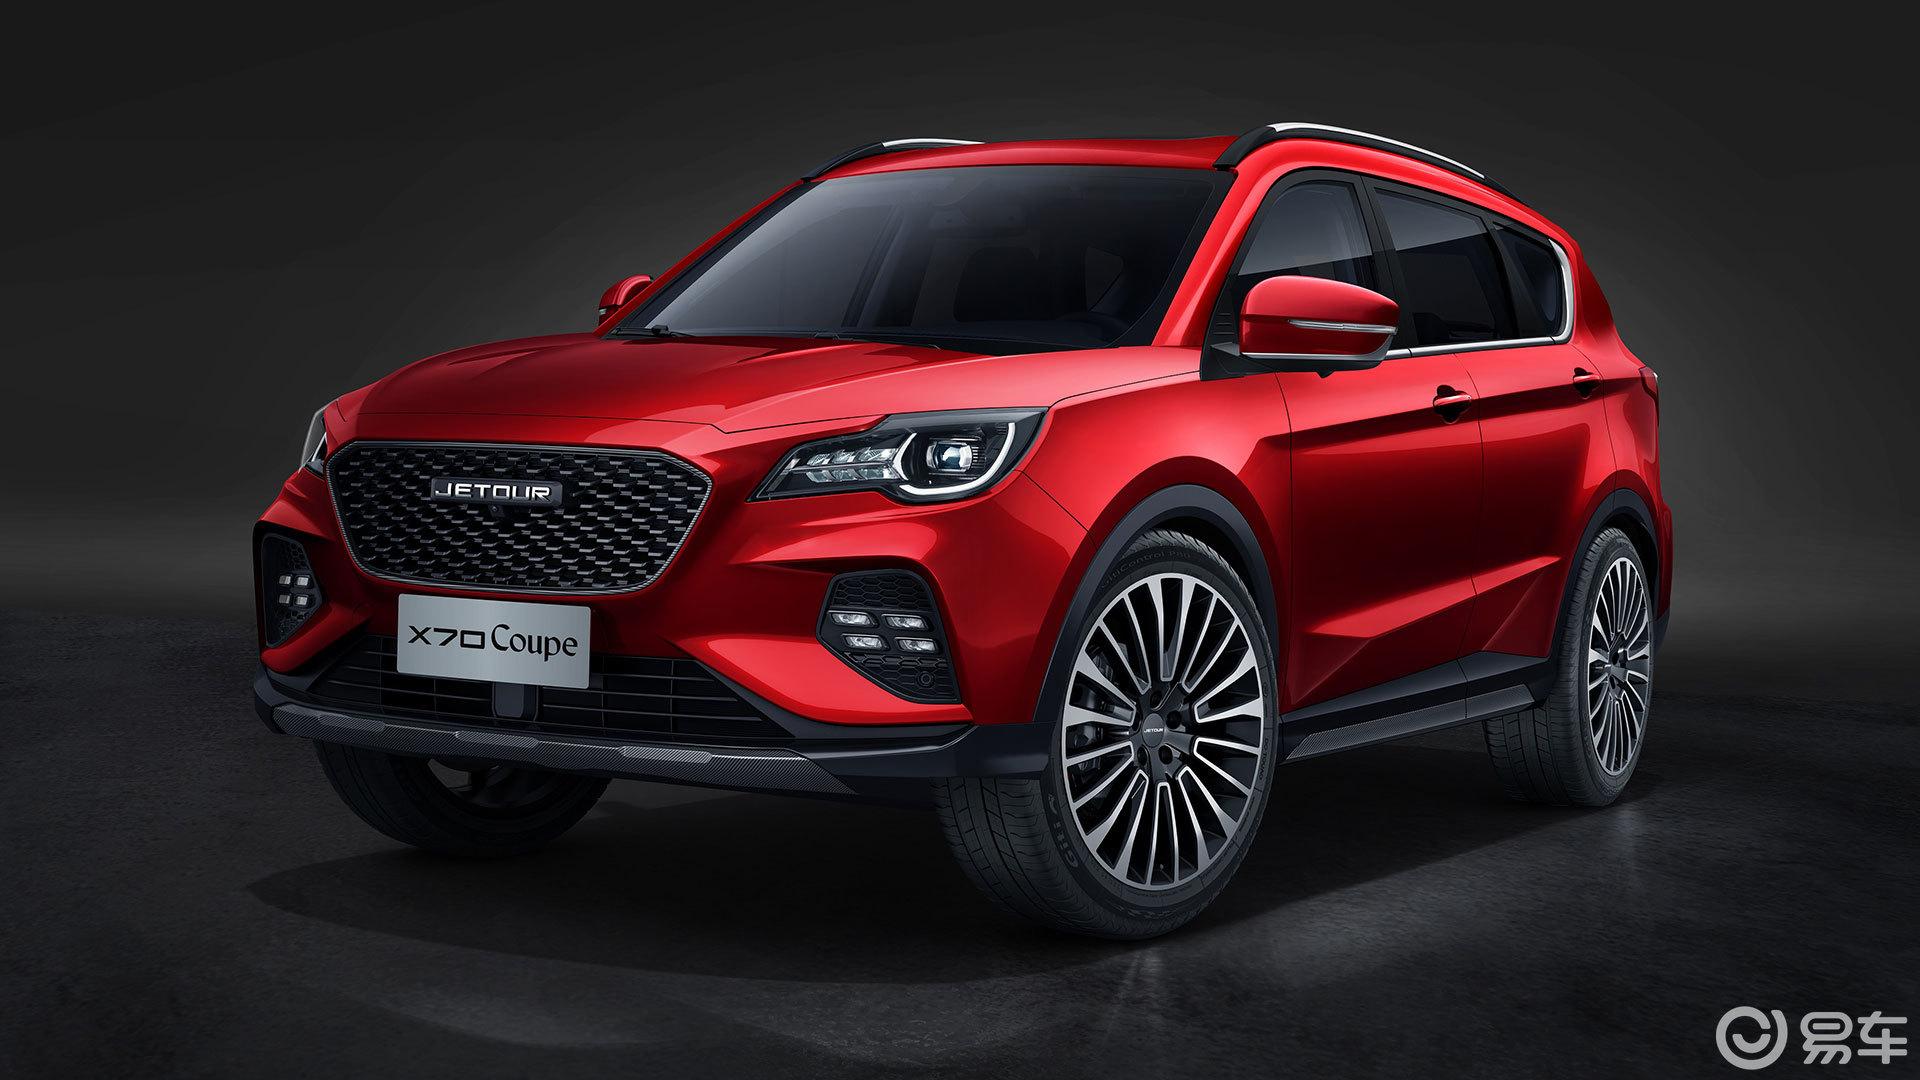 捷途X70 Coupe预售 推出6款车型9.1万元起